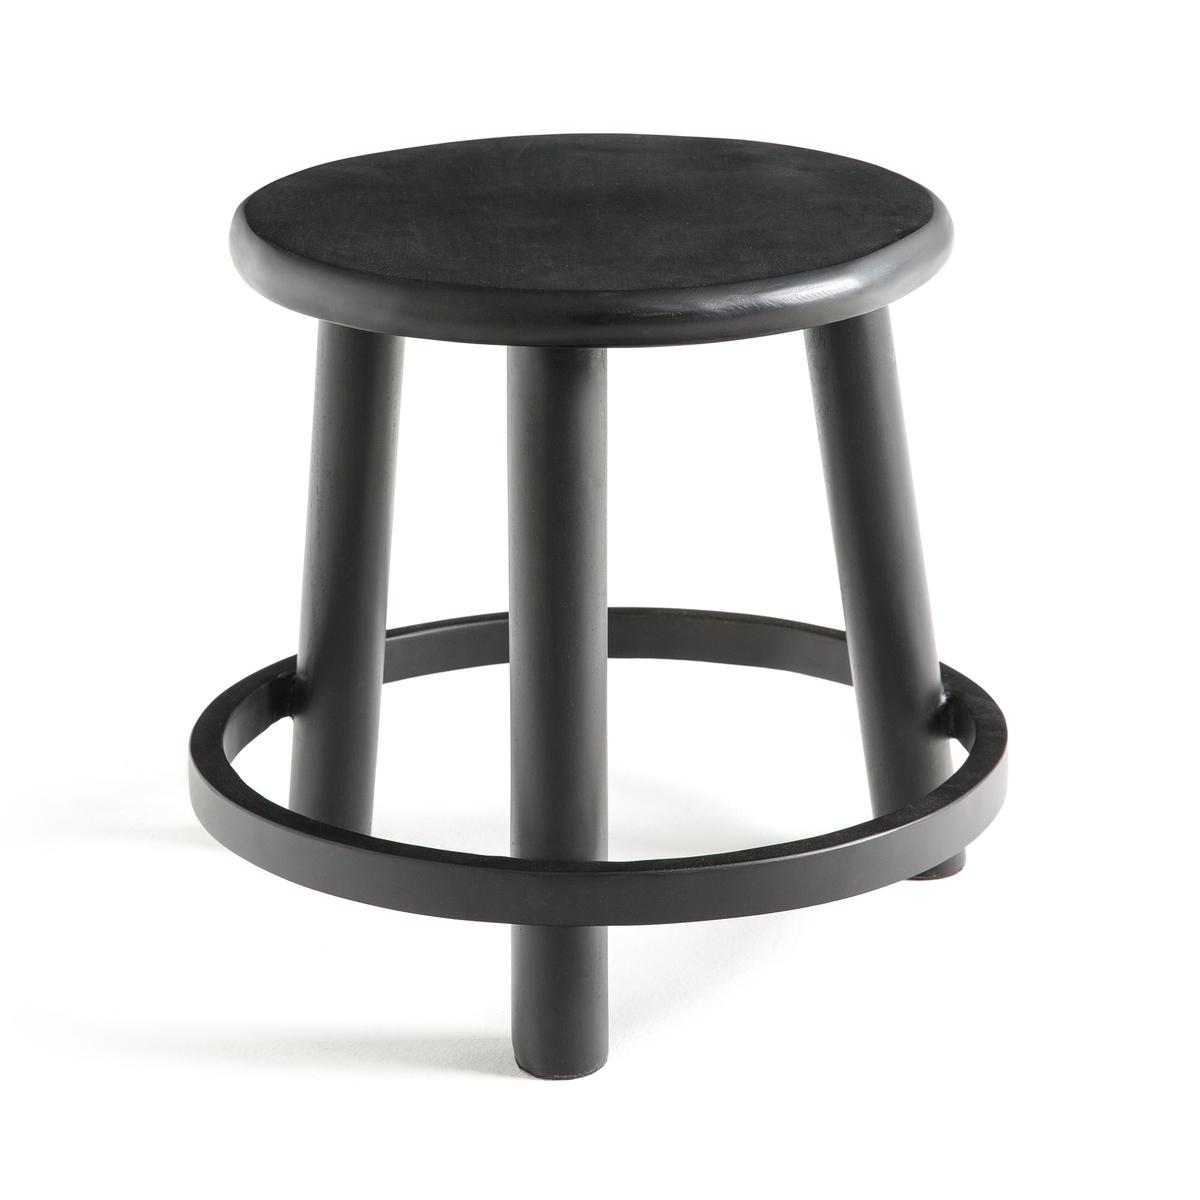 Столик La Redoute Диванный Oreus единый размер черный столик диванный из бамбука quesada